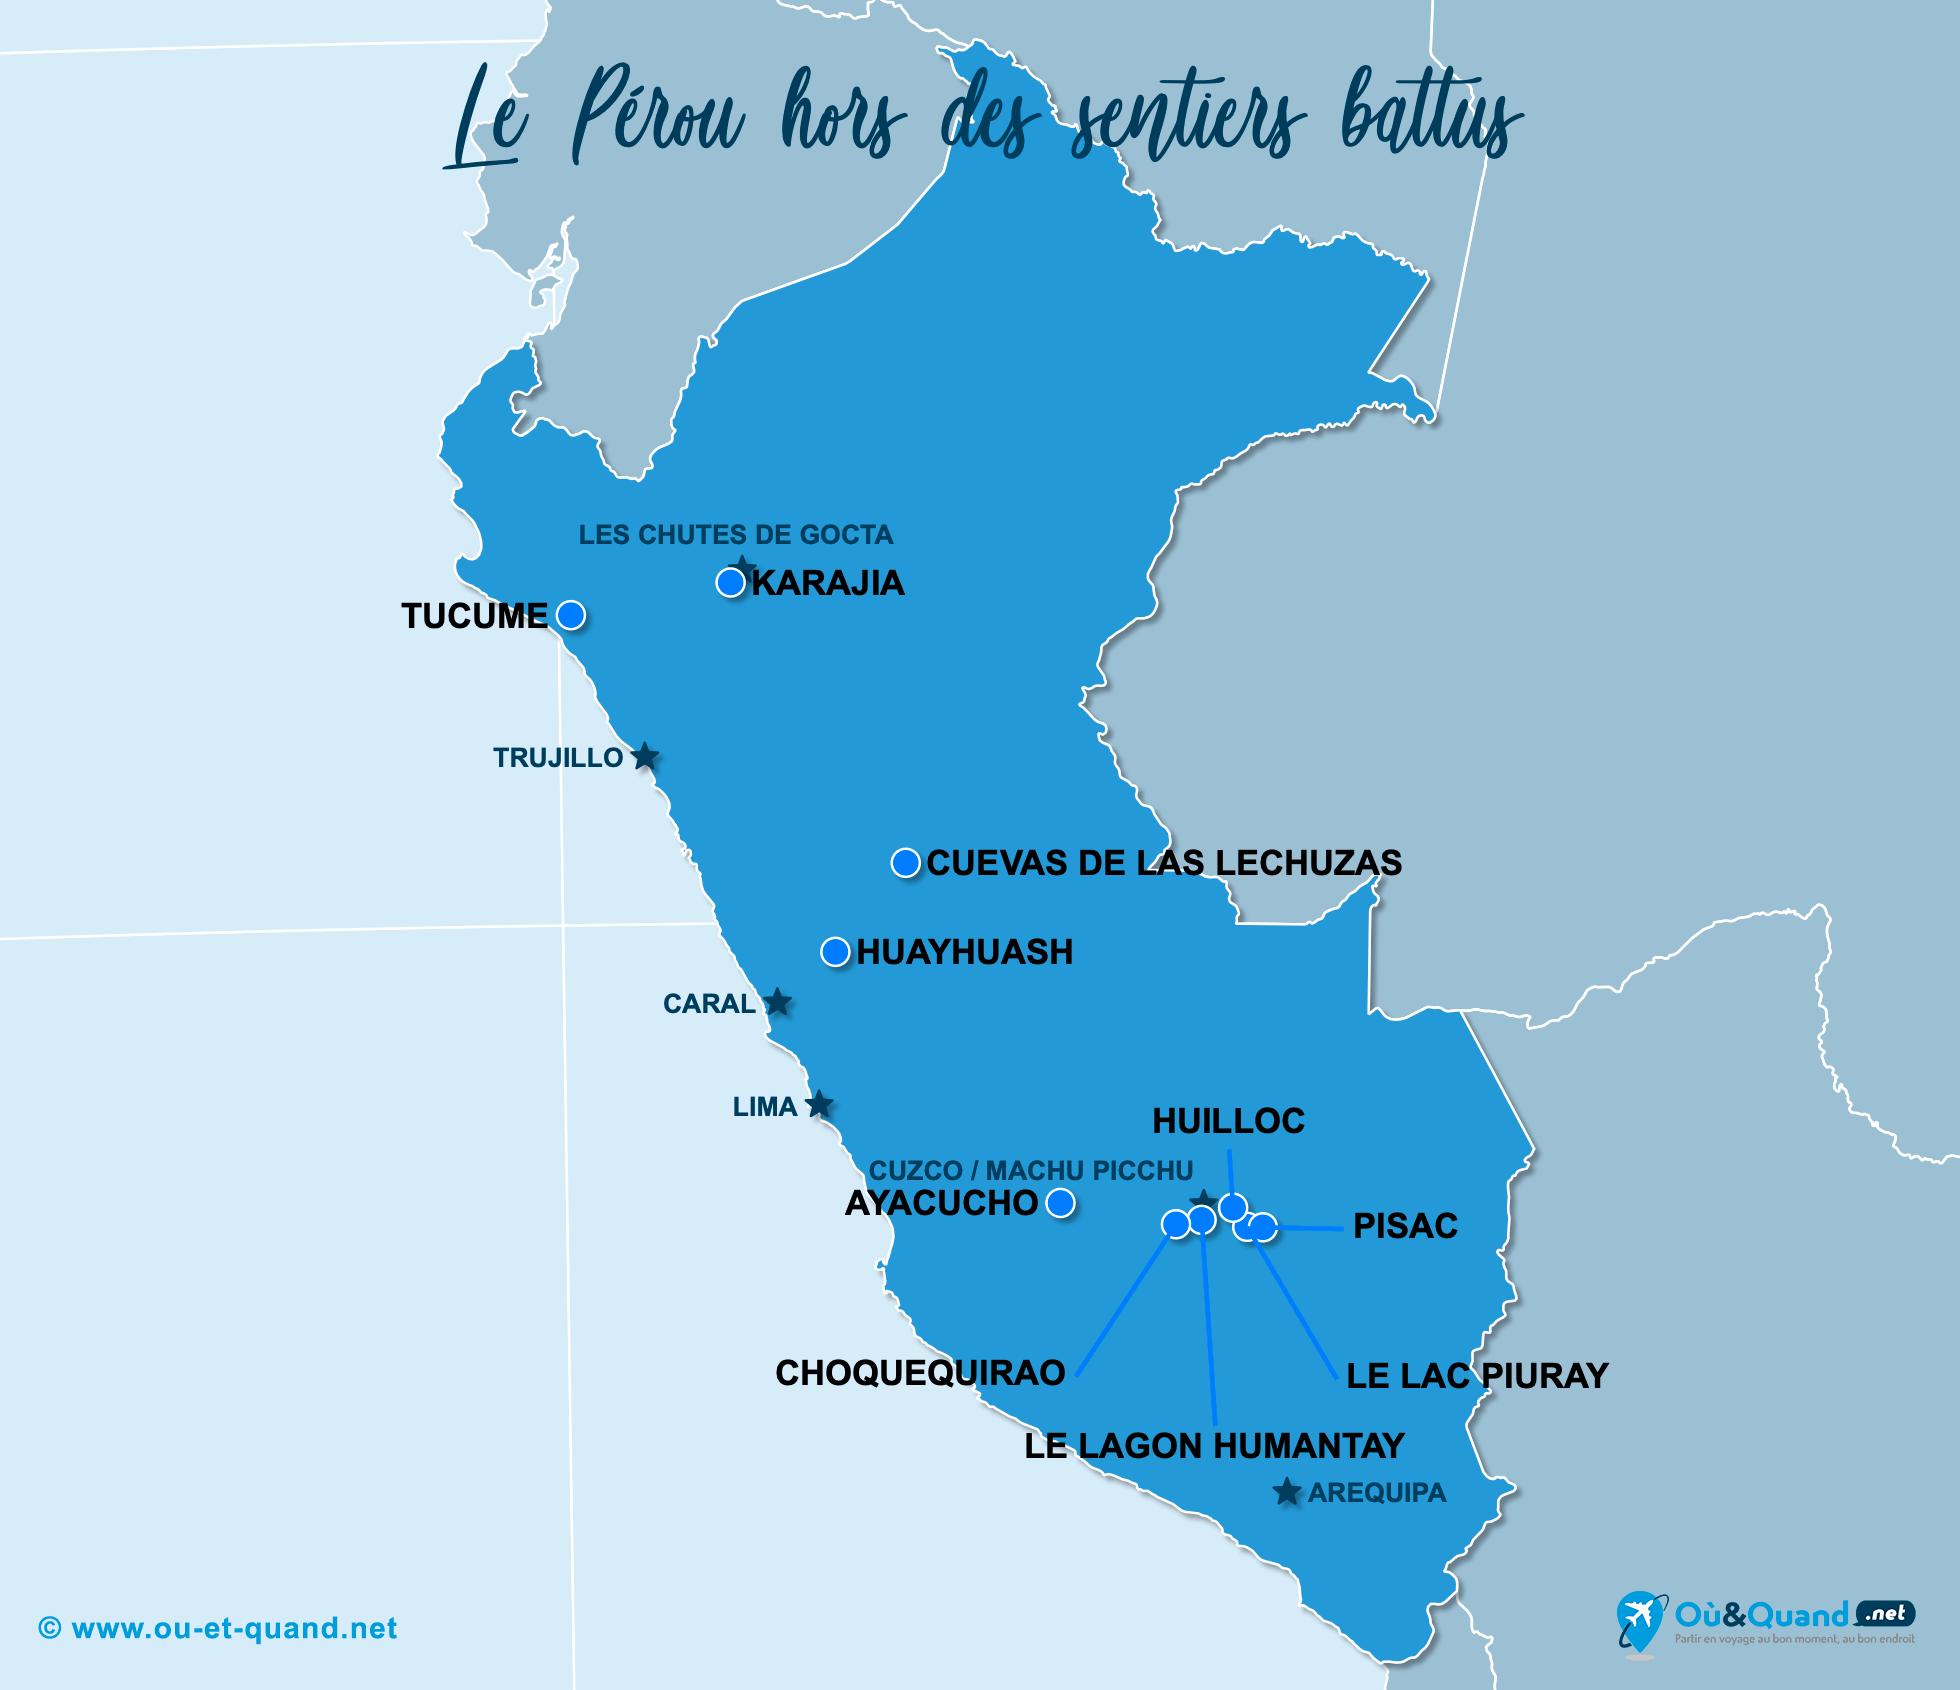 Carte Pérou : Le Pérou hors des sentiers battus